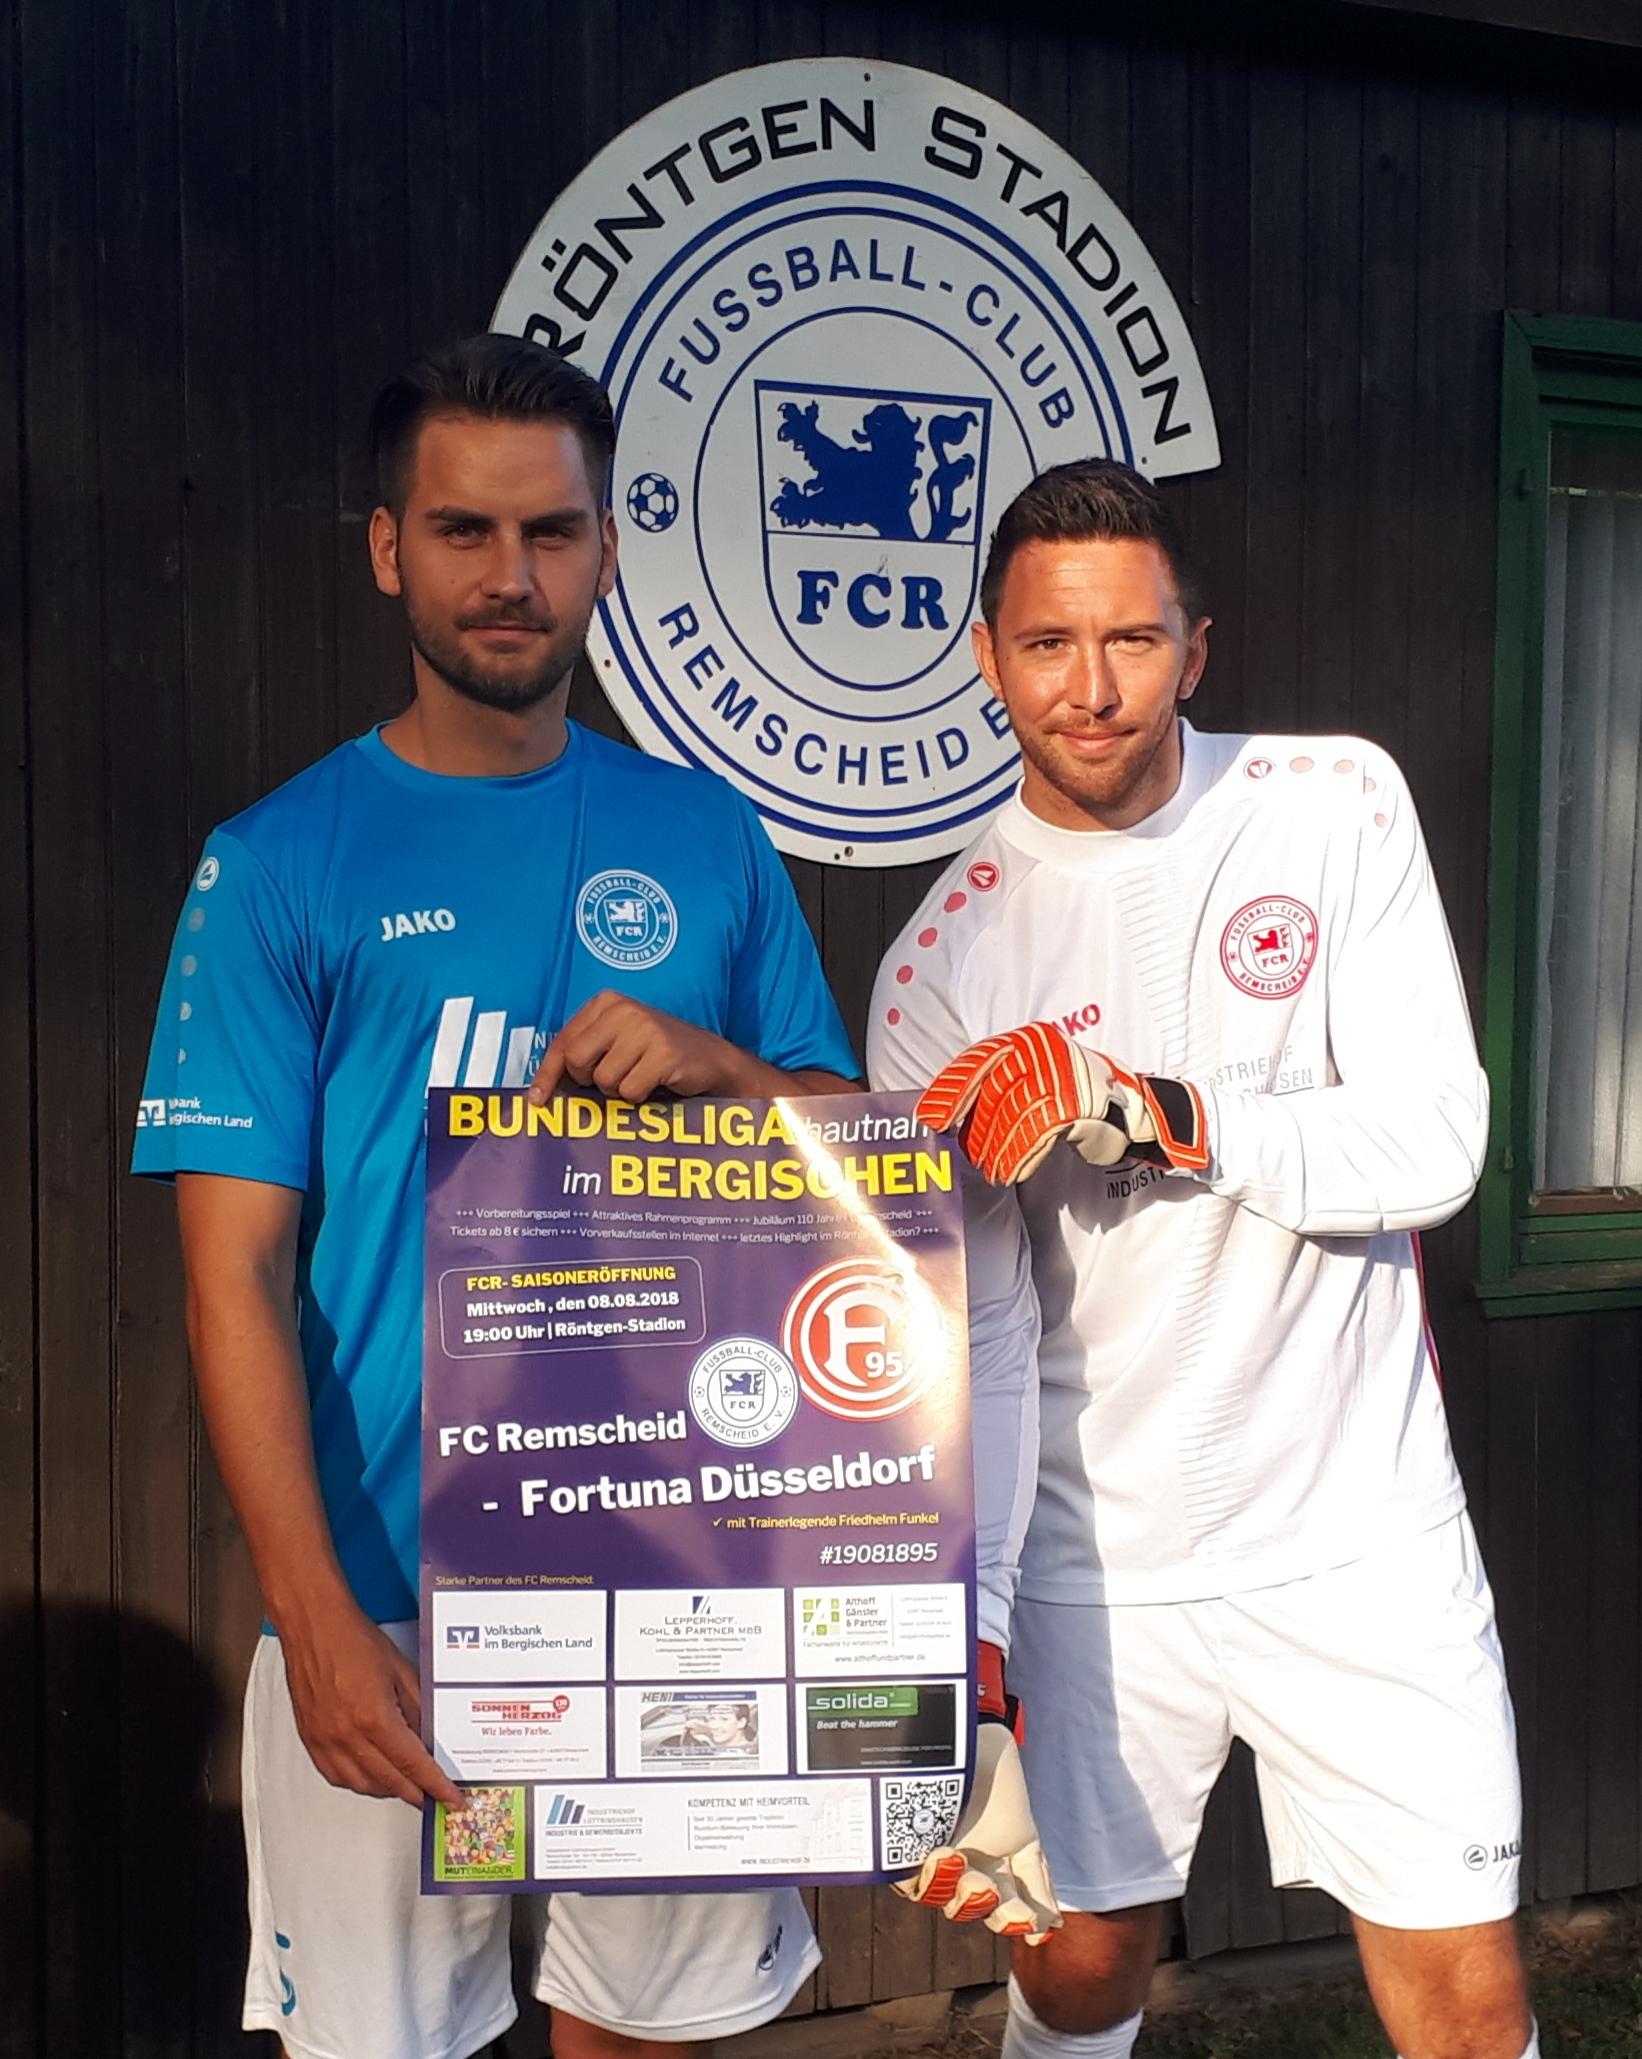 Kapitän Adis Babic und Torhüter Nico Tauschel freuen sich auf Fortuna Düsseldorf. Foto: privat